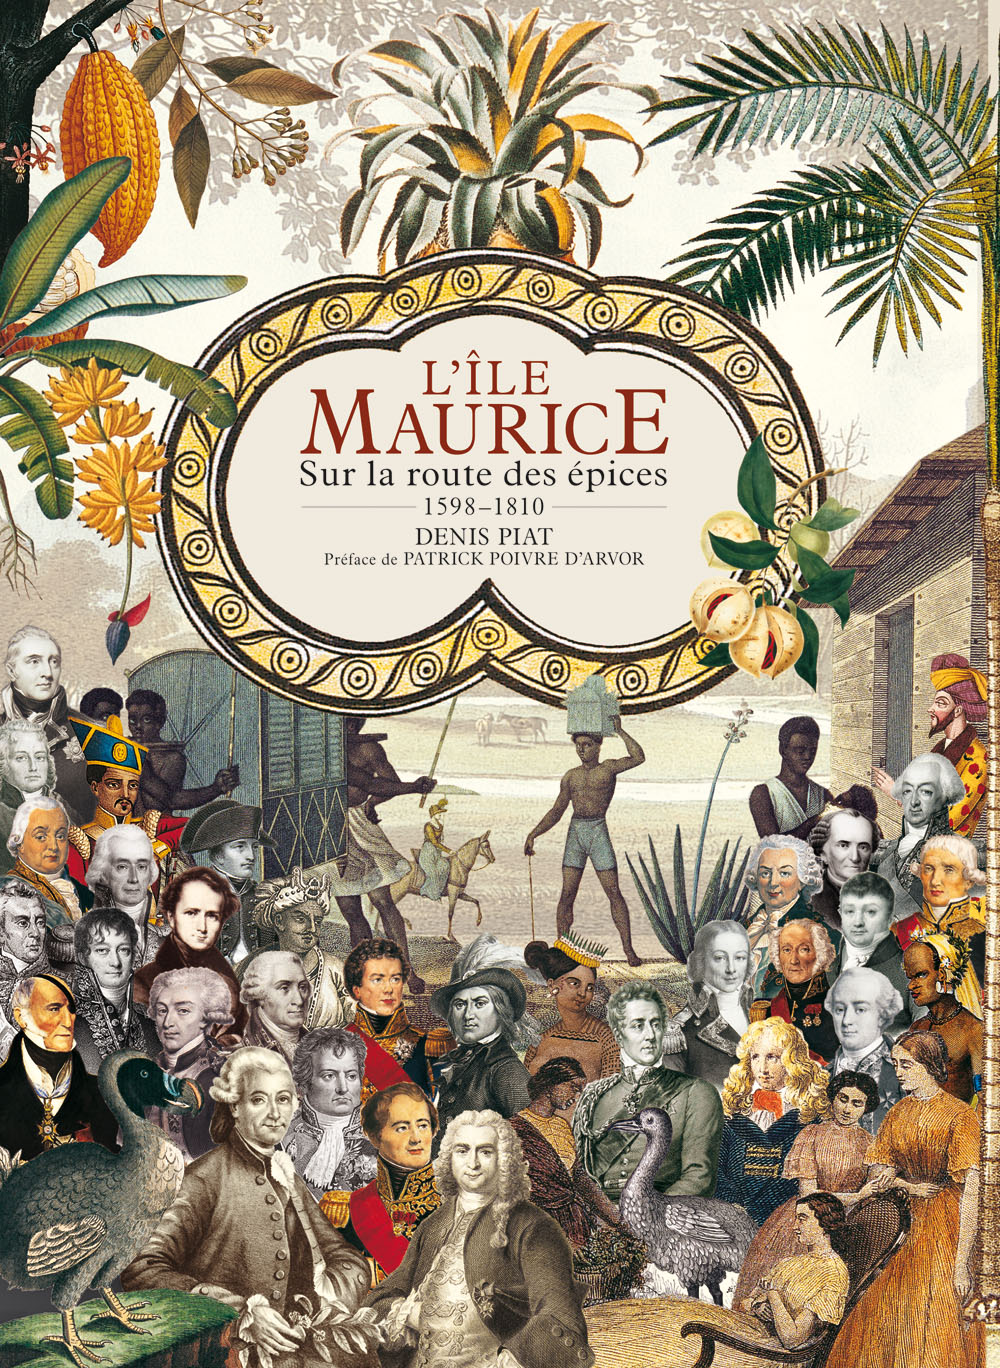 Île Maurice 1598-1810, Sur la route des épices